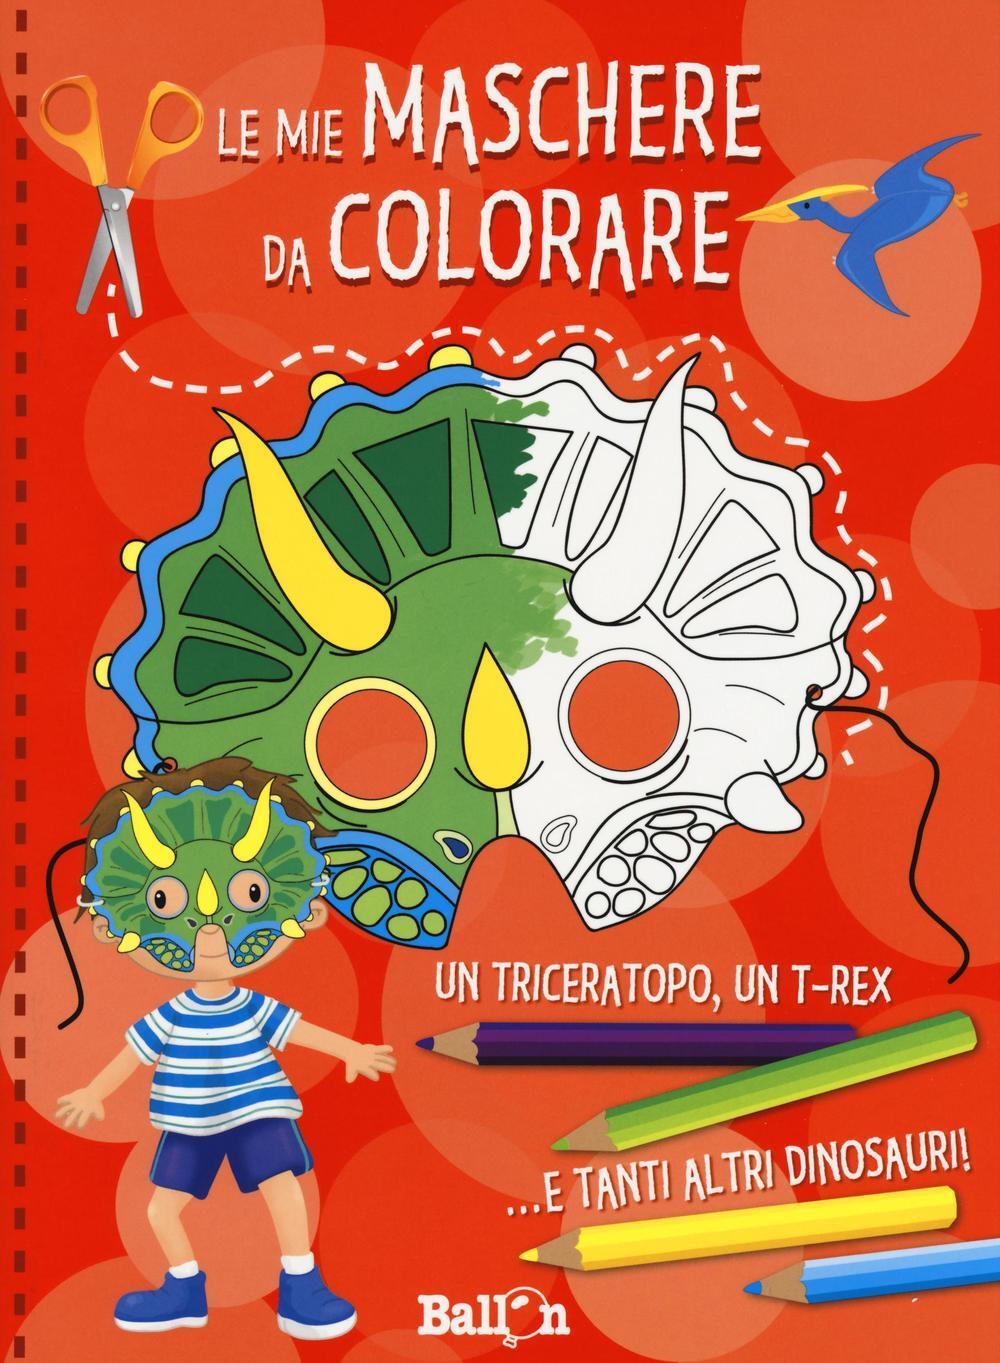 Dinosauri le mie maschere da colorare libro ballon - Immagini di dinosauro da colorare in ...